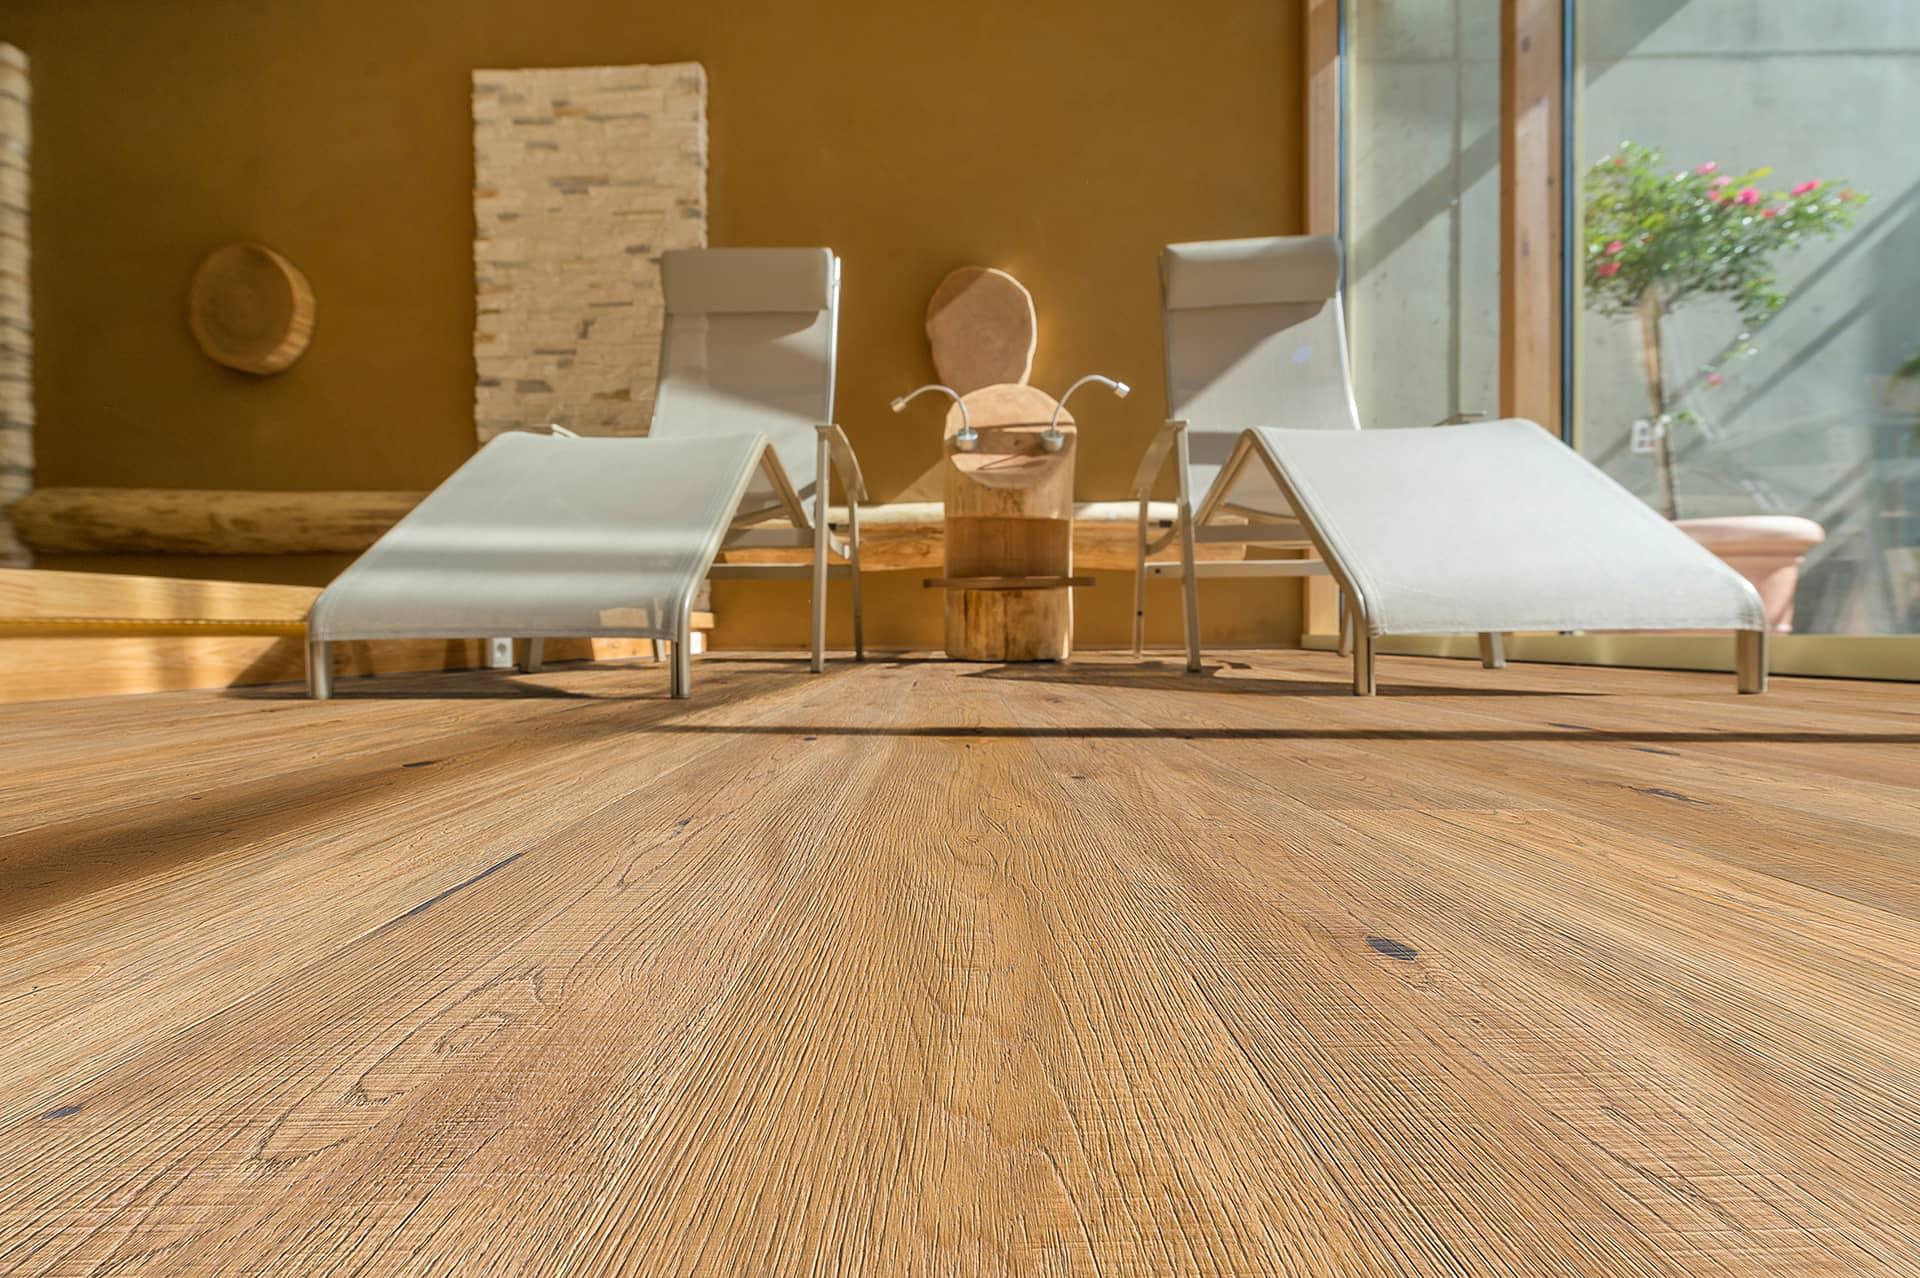 Laminat Bodenbelag hat keinen echten Holzkern